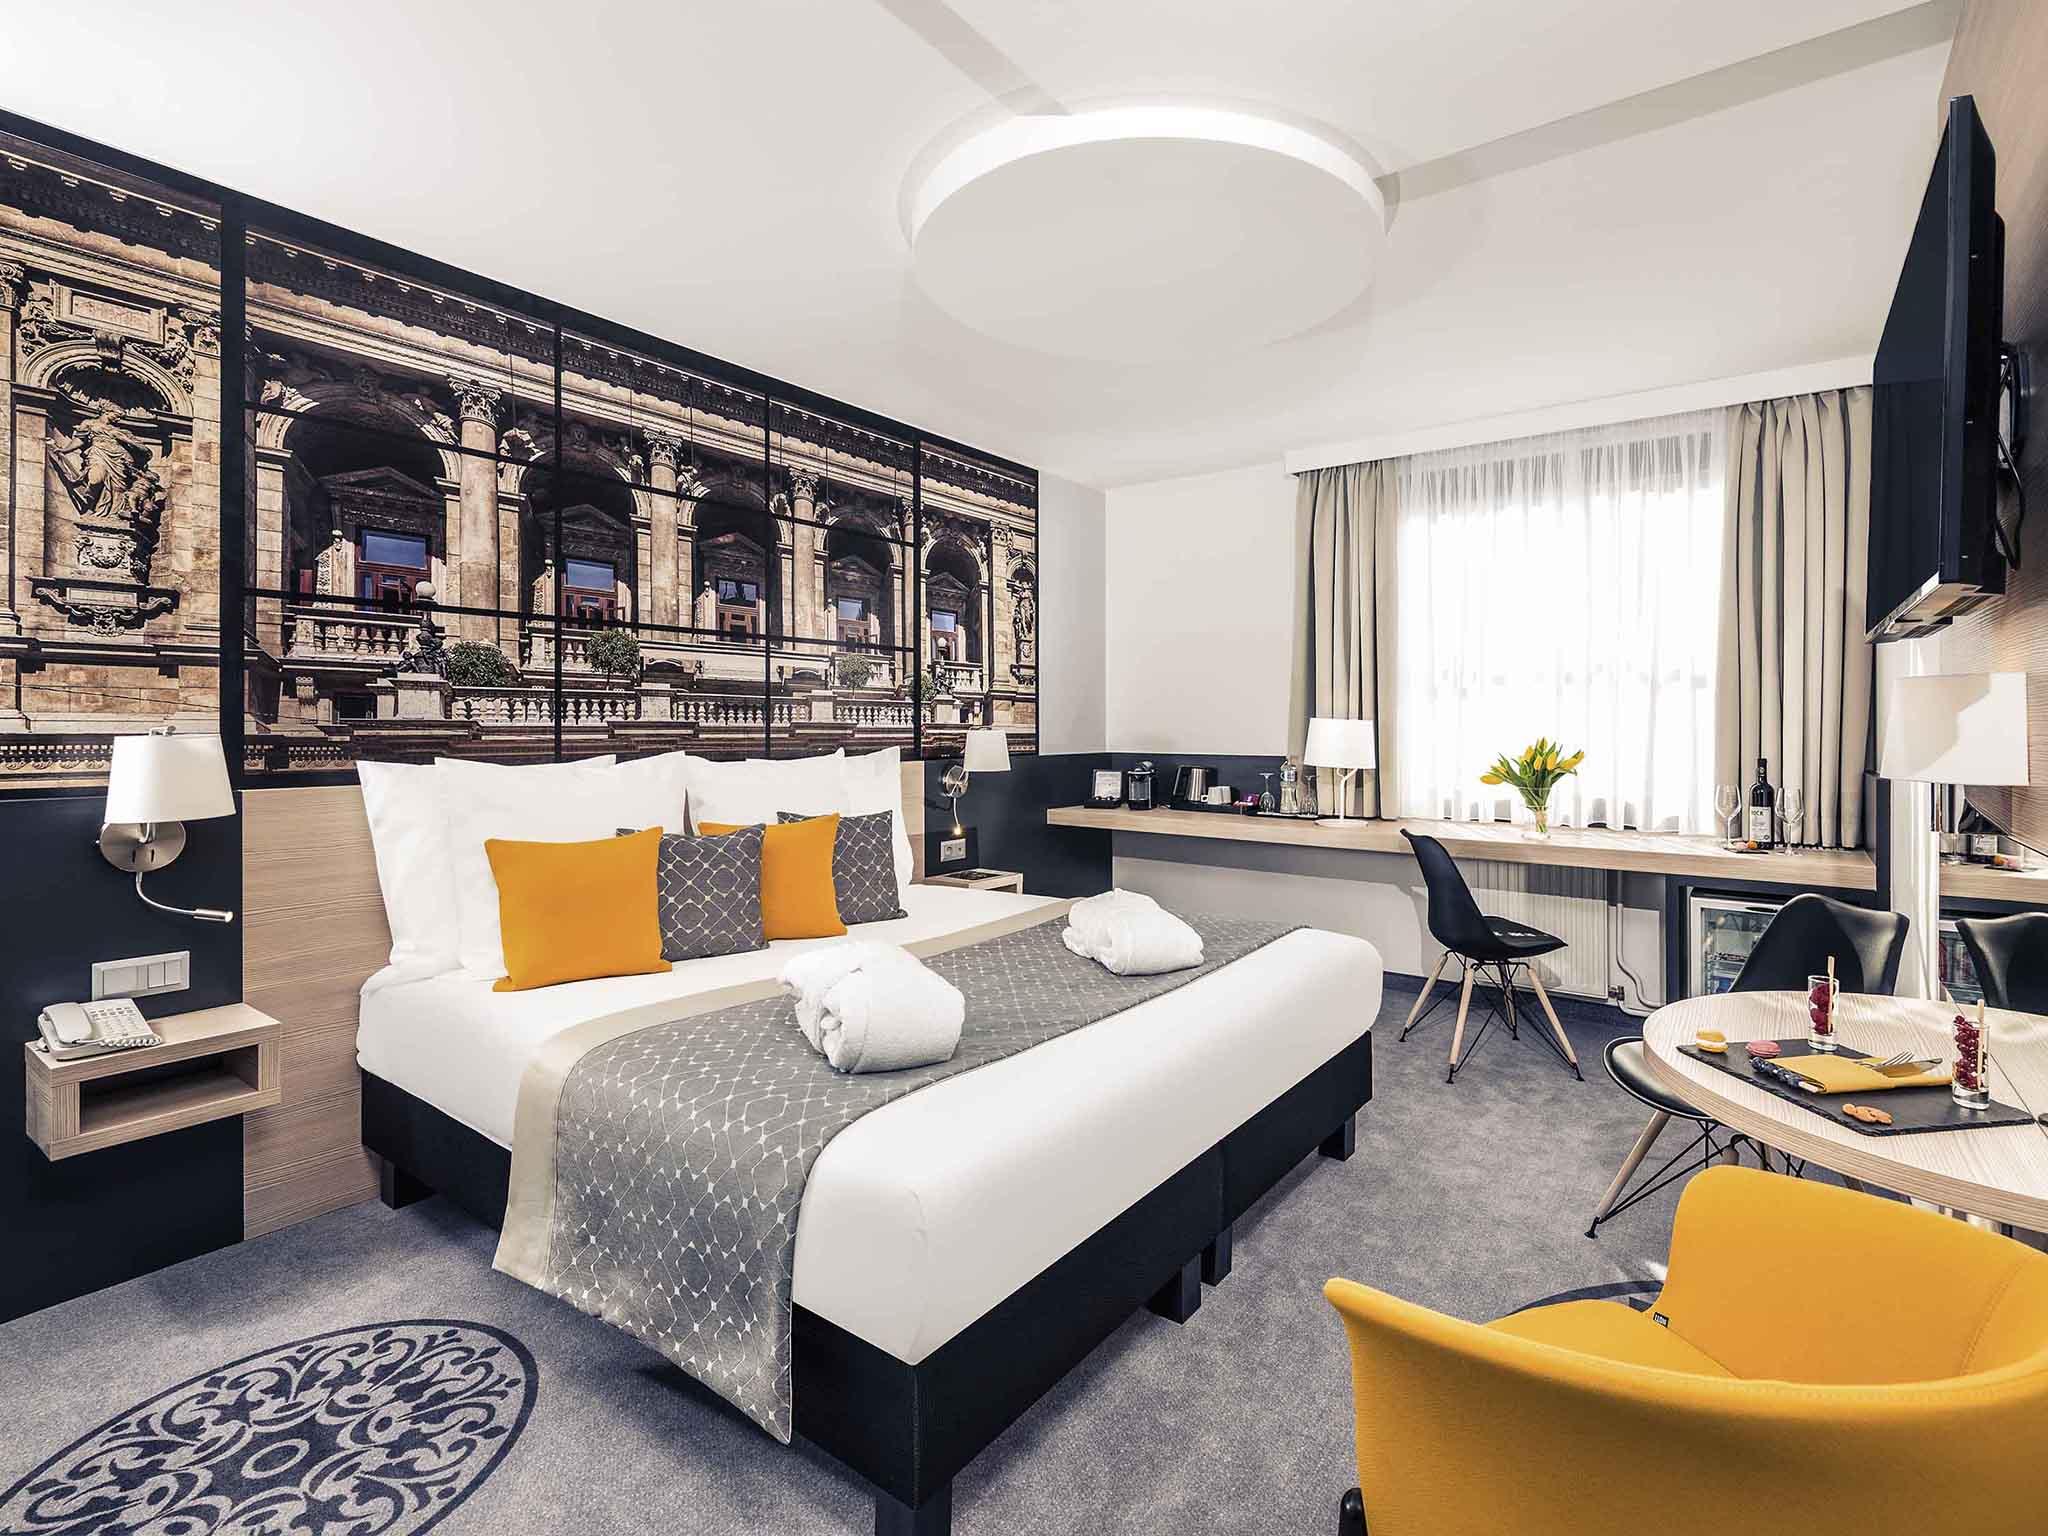 ホテル – メルキュールブダペストシティセンターホテル